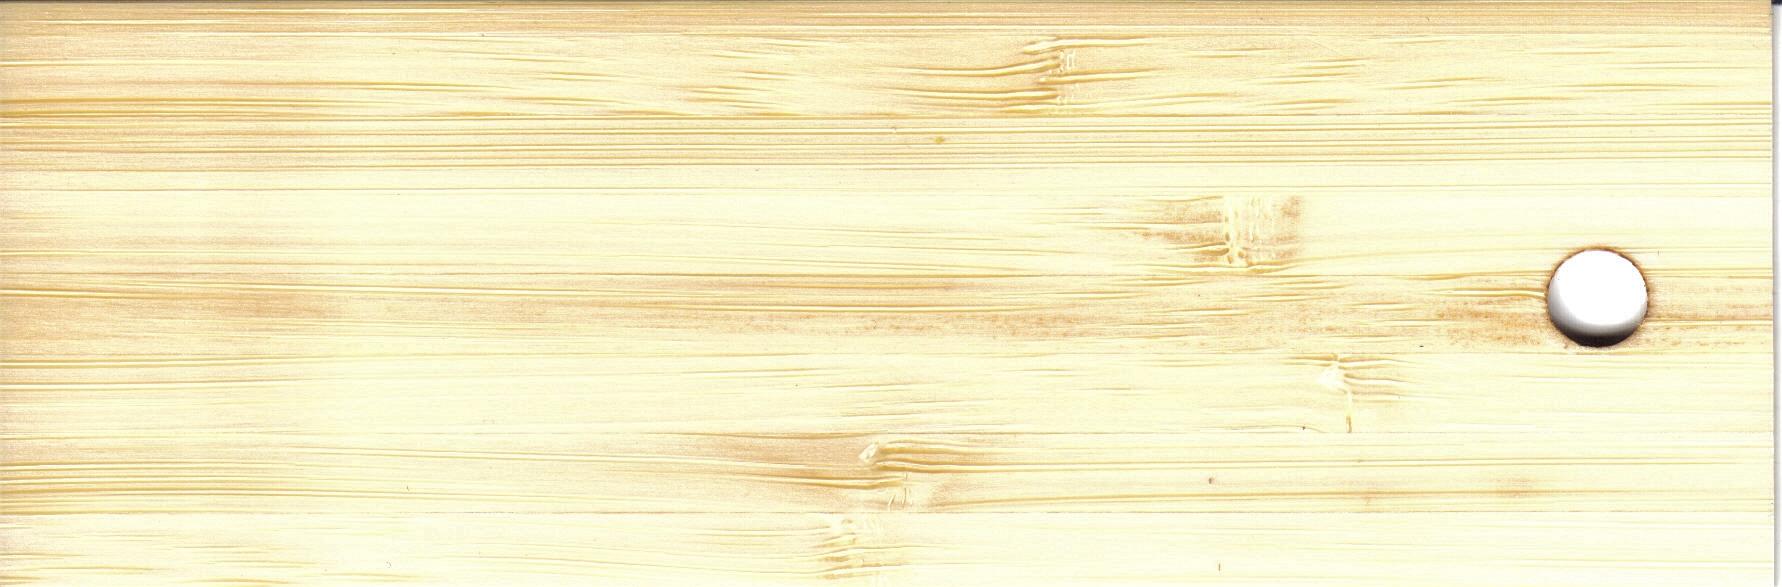 bambus ŻALUZJE DREWNIANE (żaluzje bambusowe)